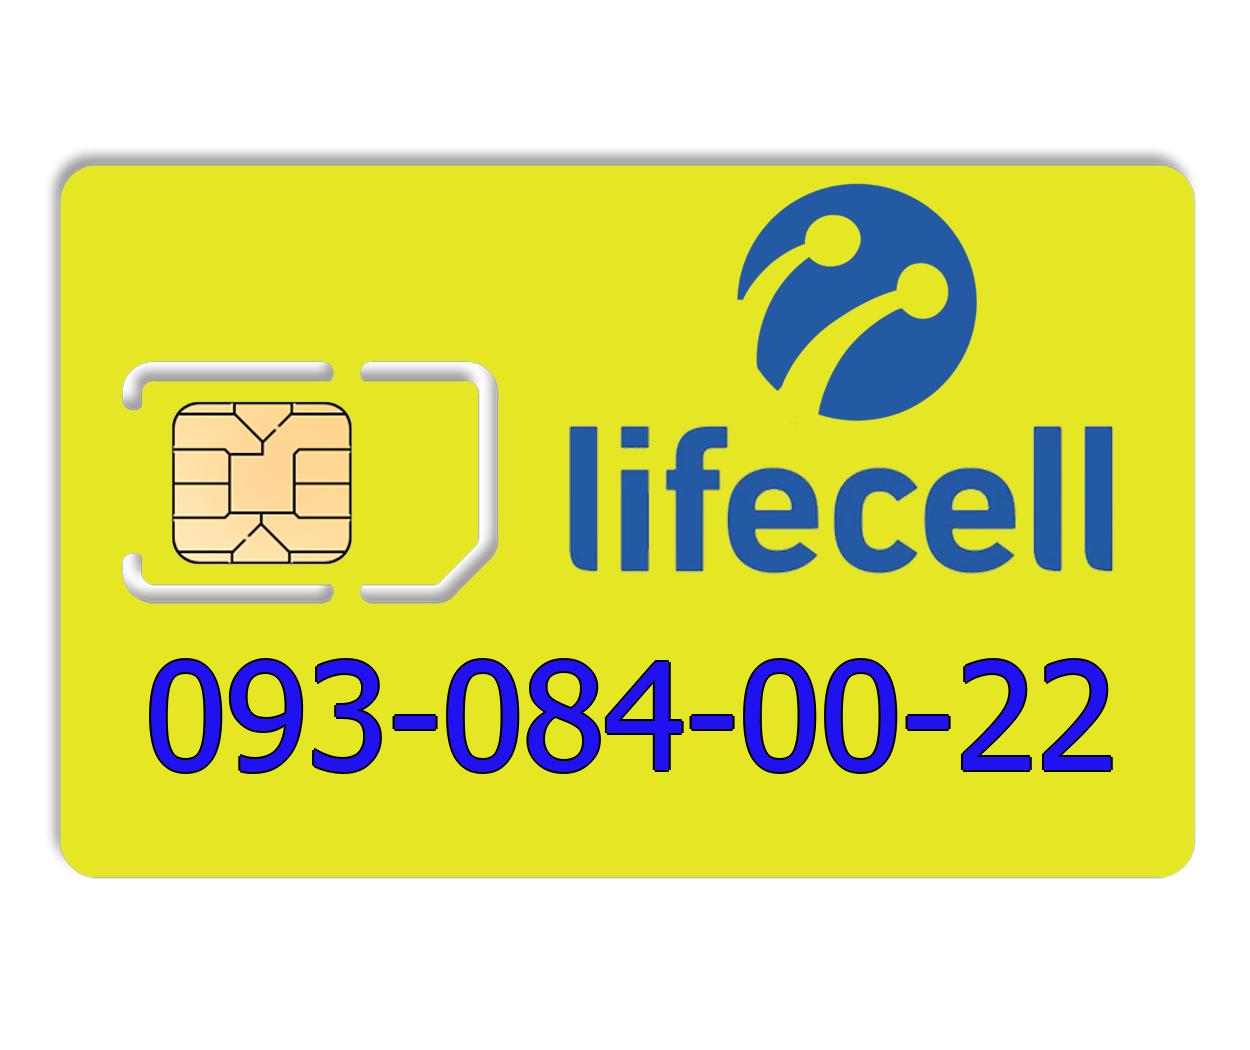 Красивый номер lifecell 093-084-00-22